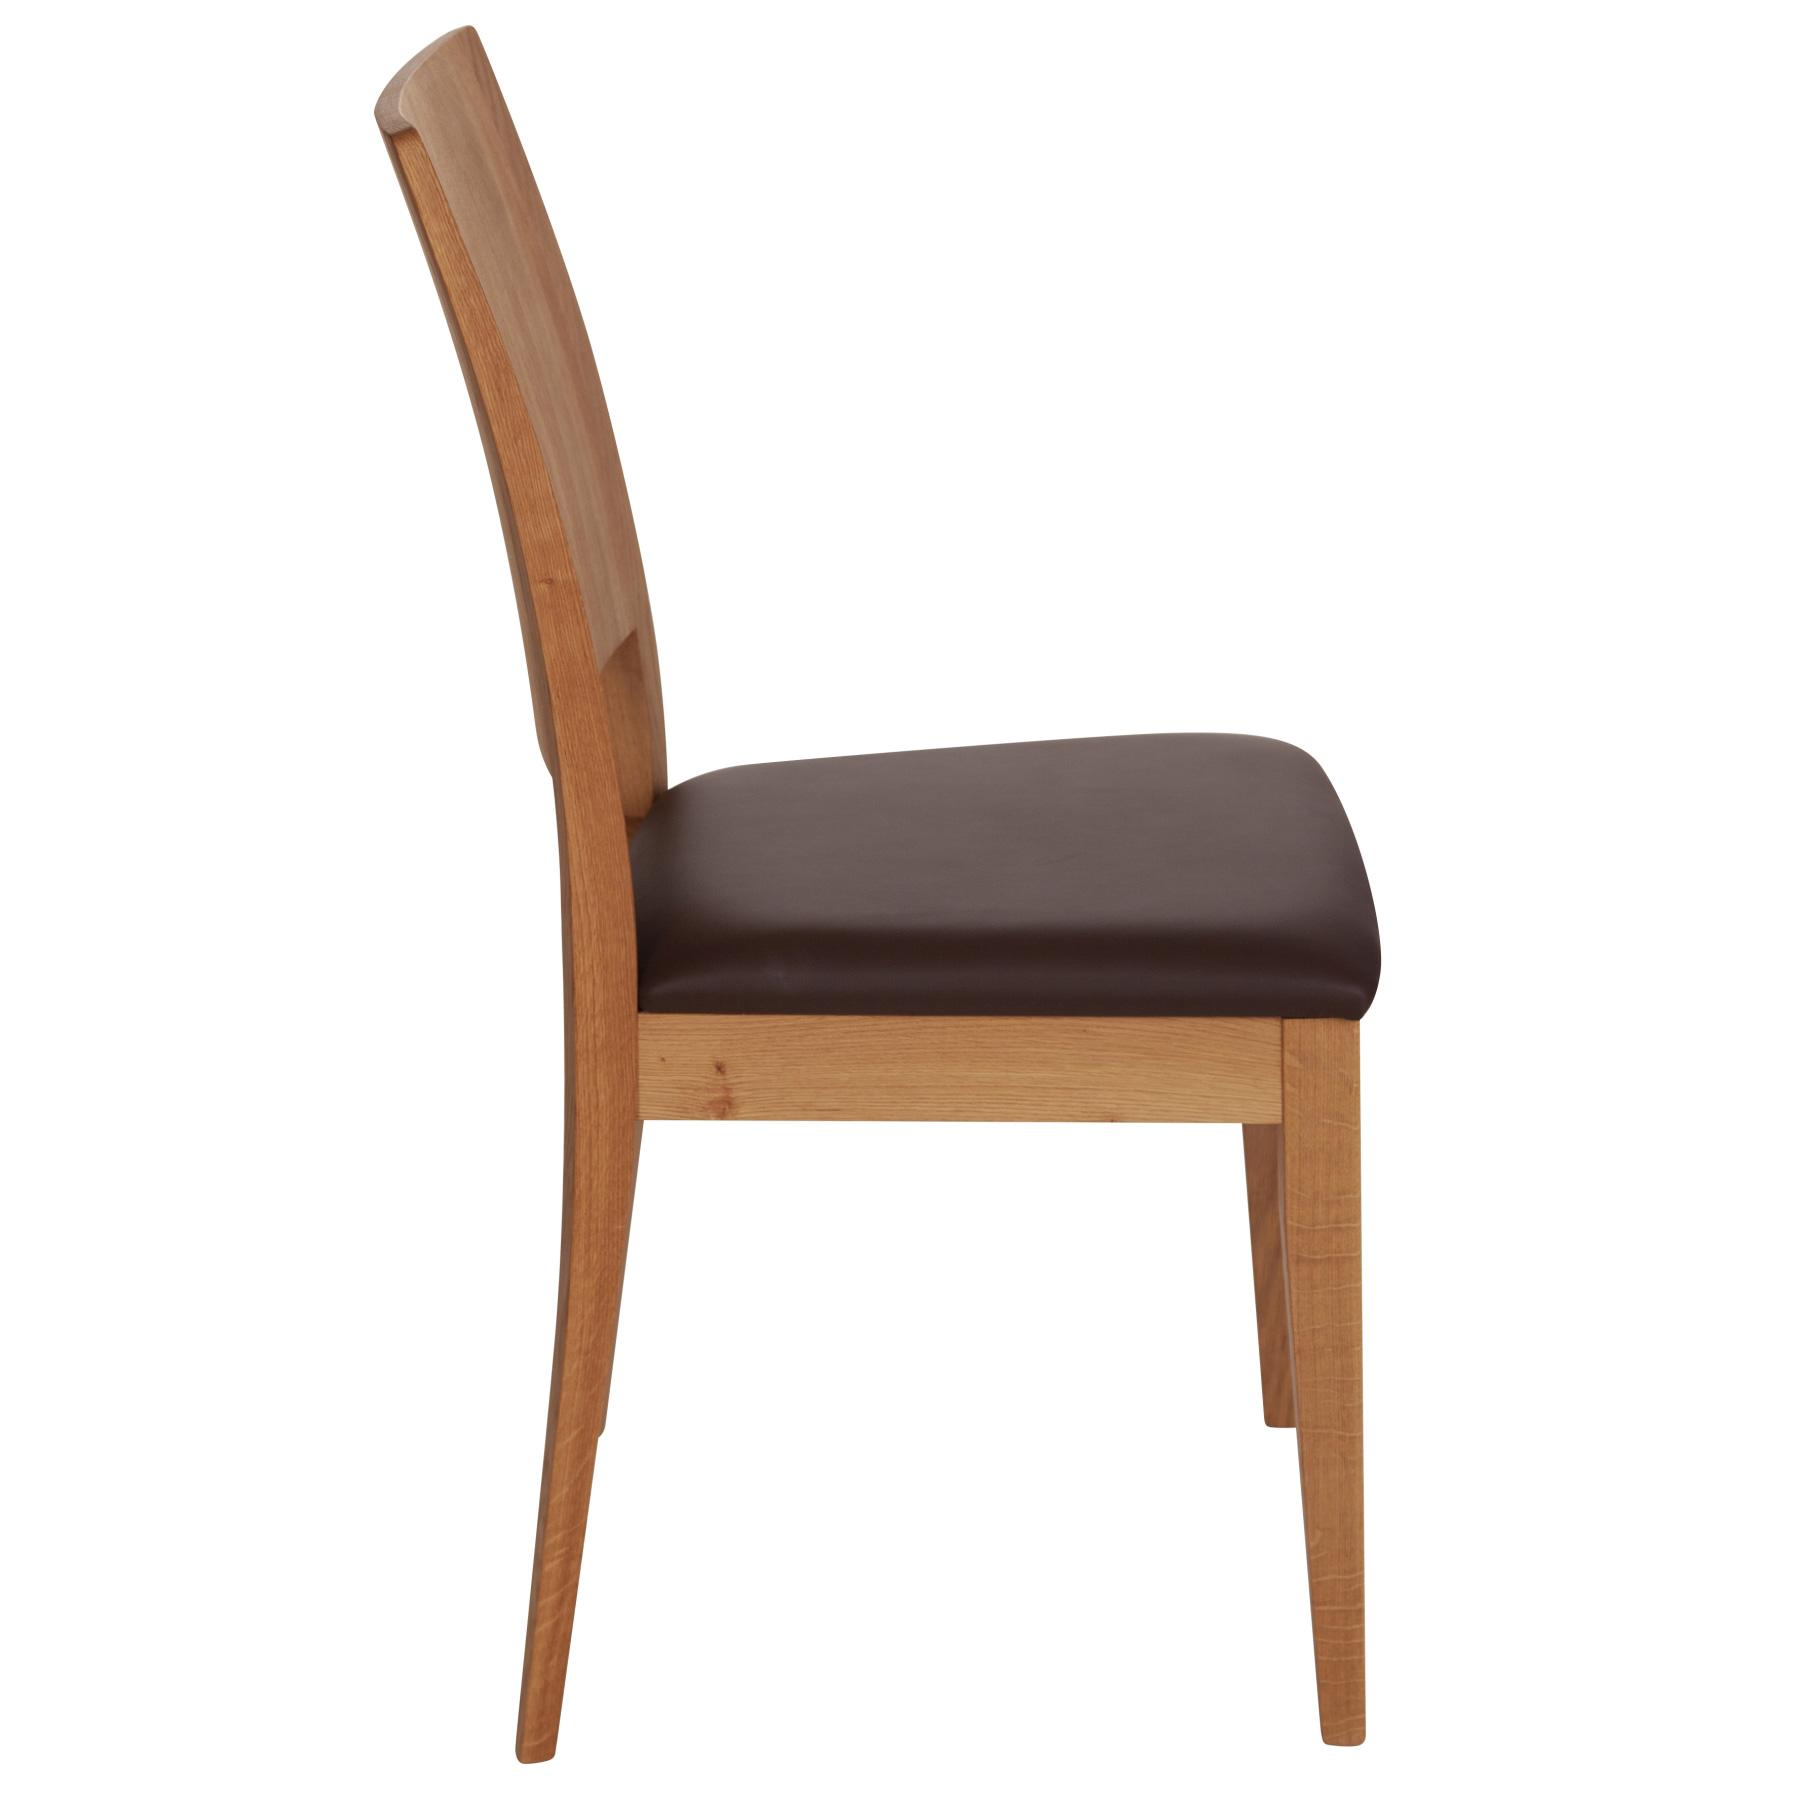 Stuhl Eiche Massiv Geölt Und Gepolstert Holzstuhl 900